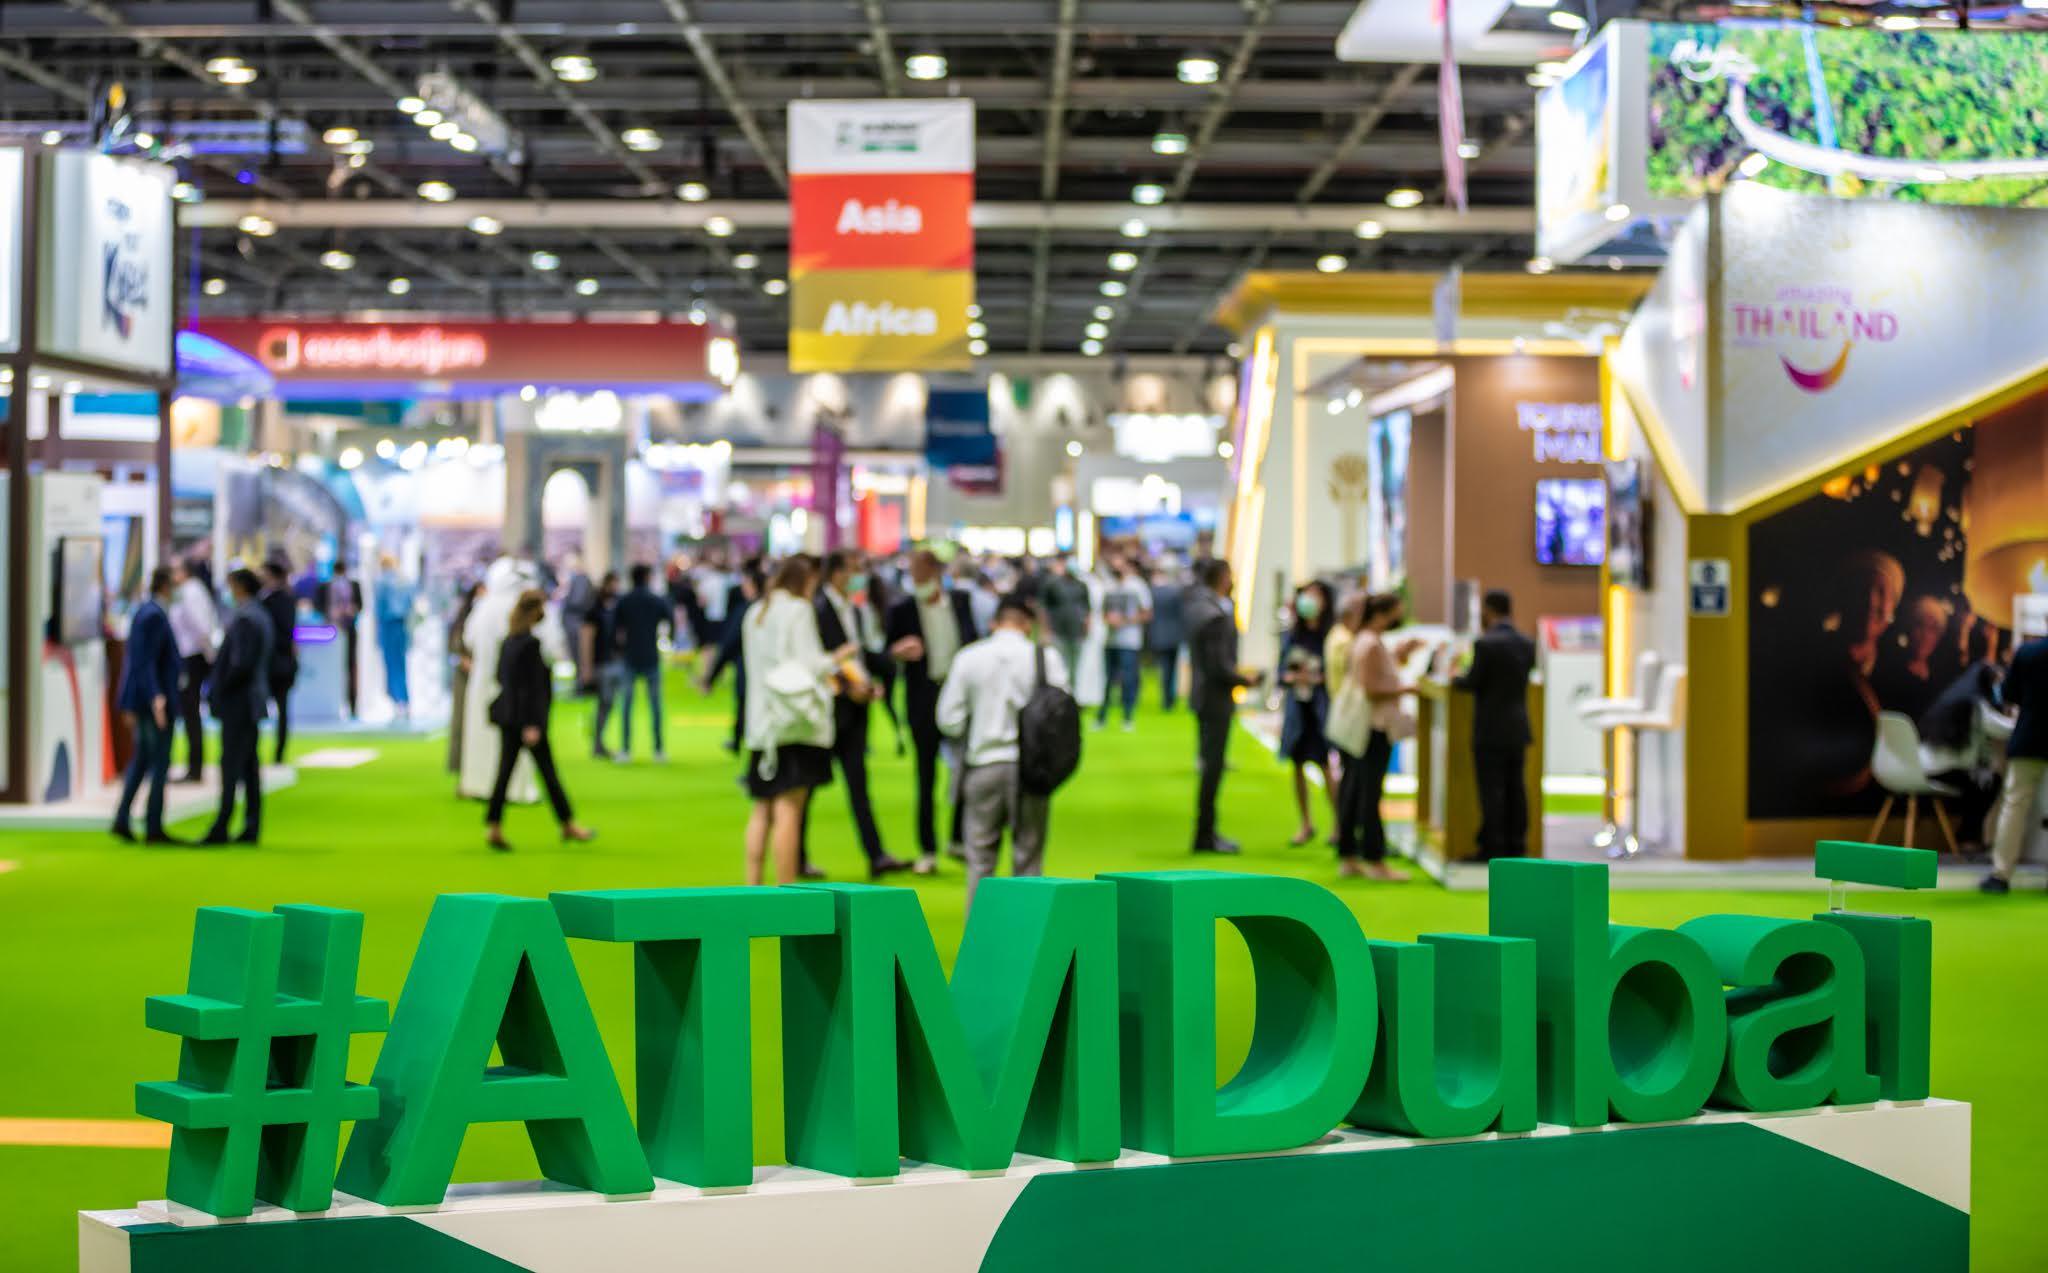 سوق السفر العربي يختتم أعماله بنجاح